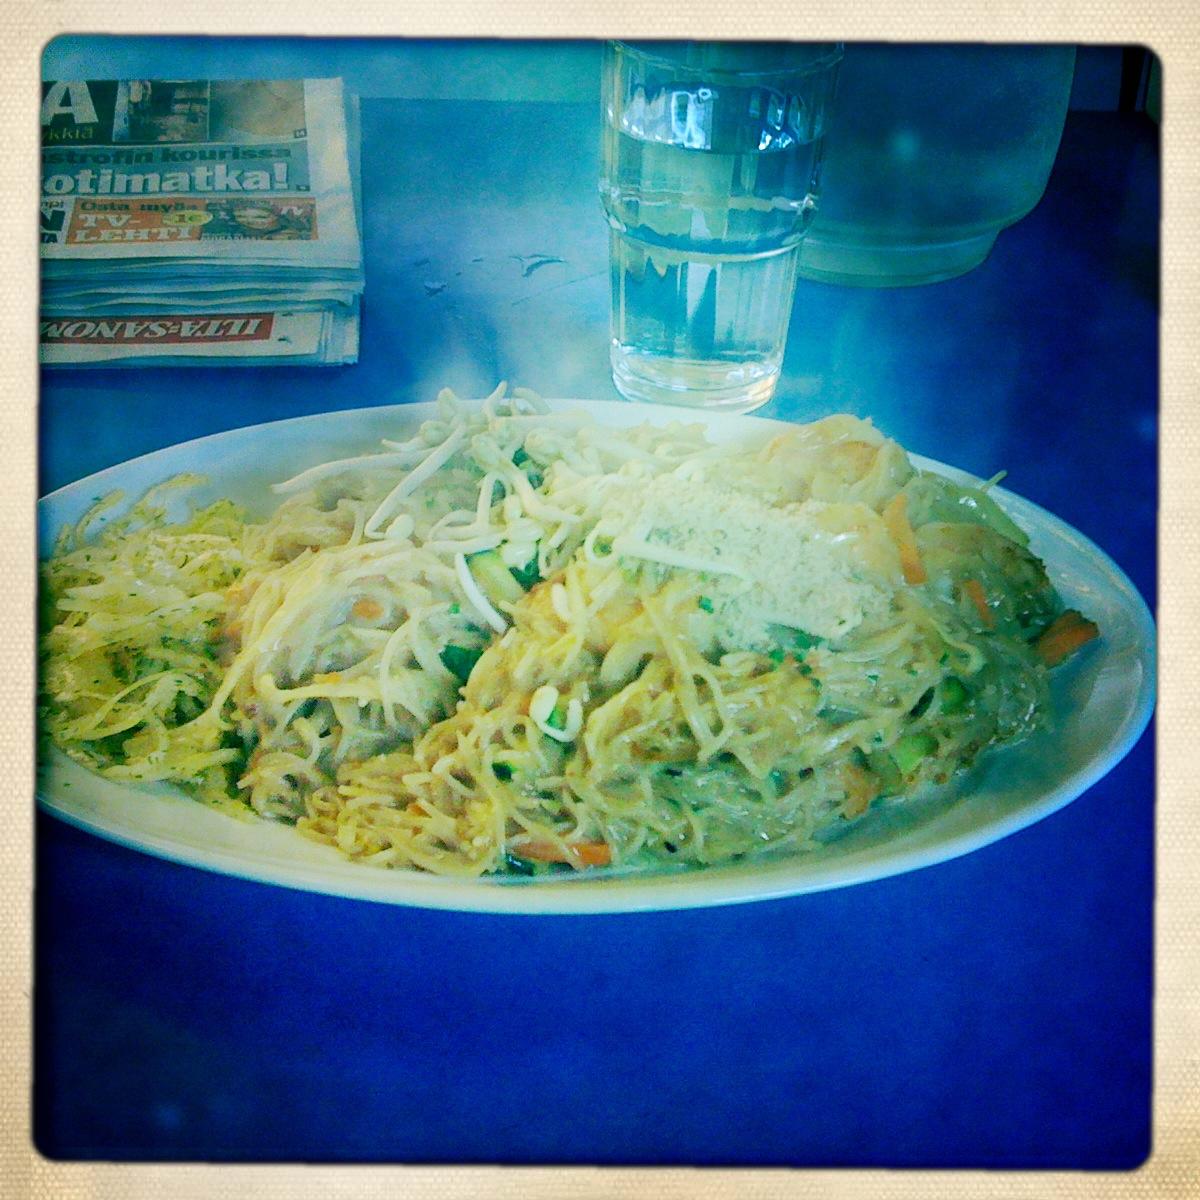 Thai Fast Food Du Dii (Dudii), Helsinki: Noodelit thaimaalaisittain.